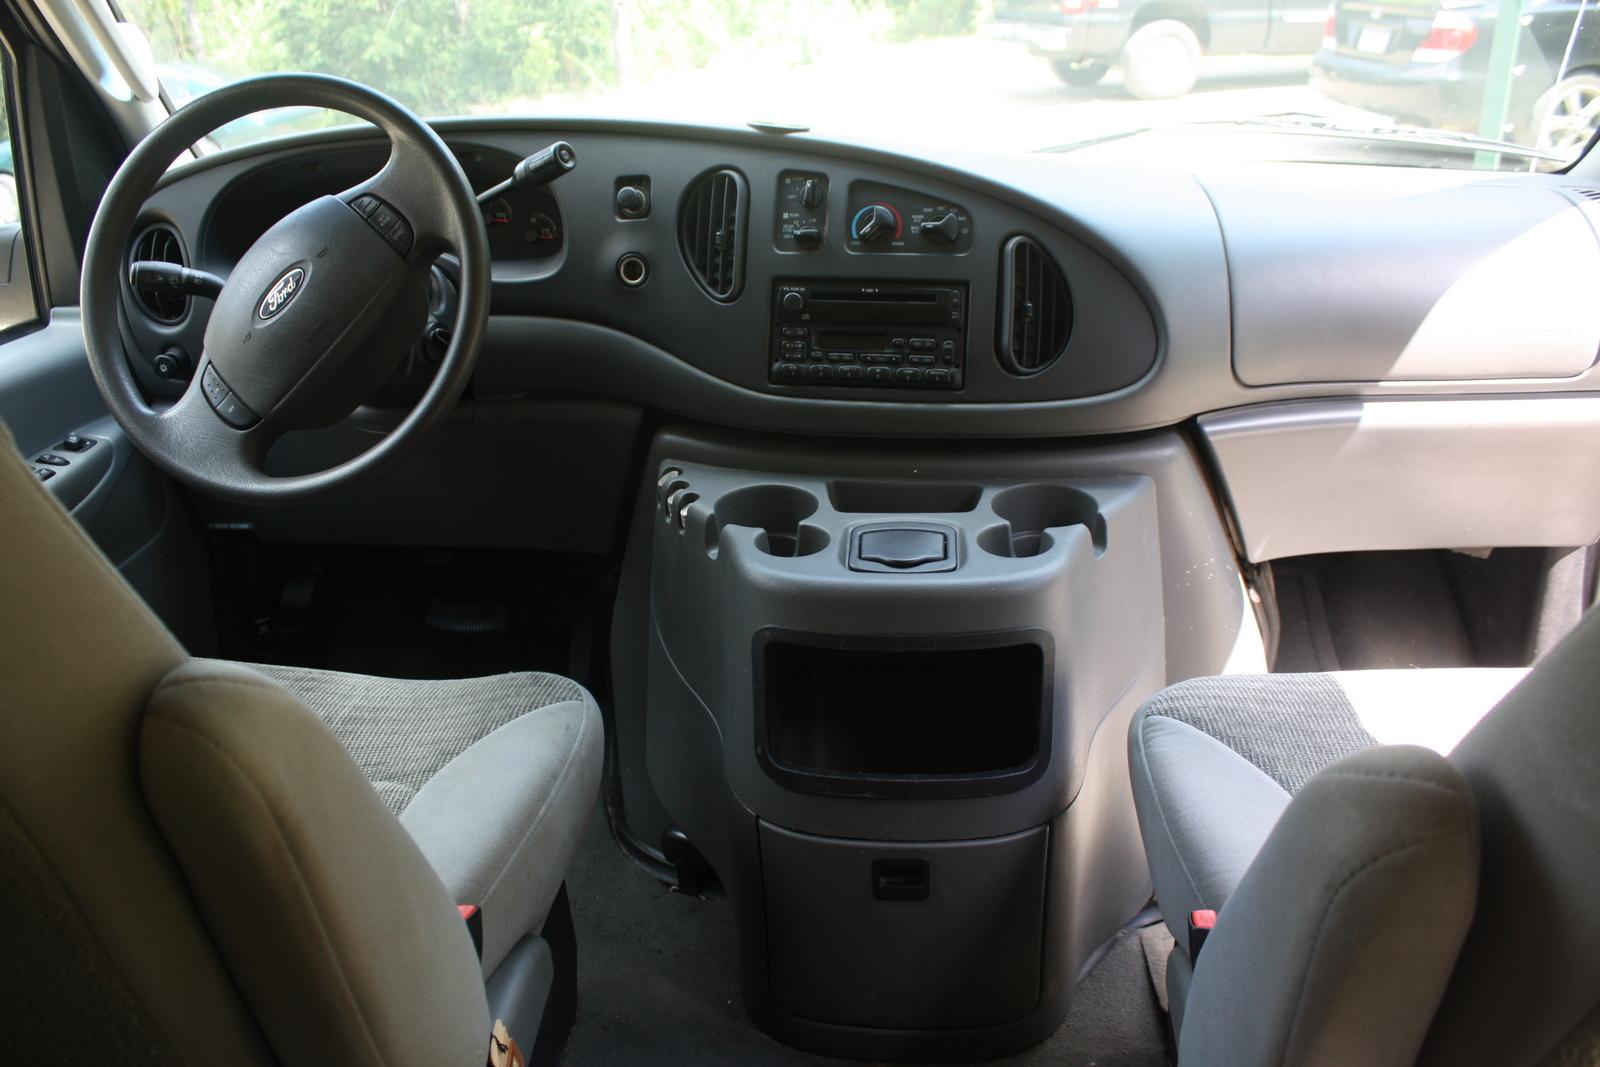 2003 ford econoline wagon interior pictures cargurus